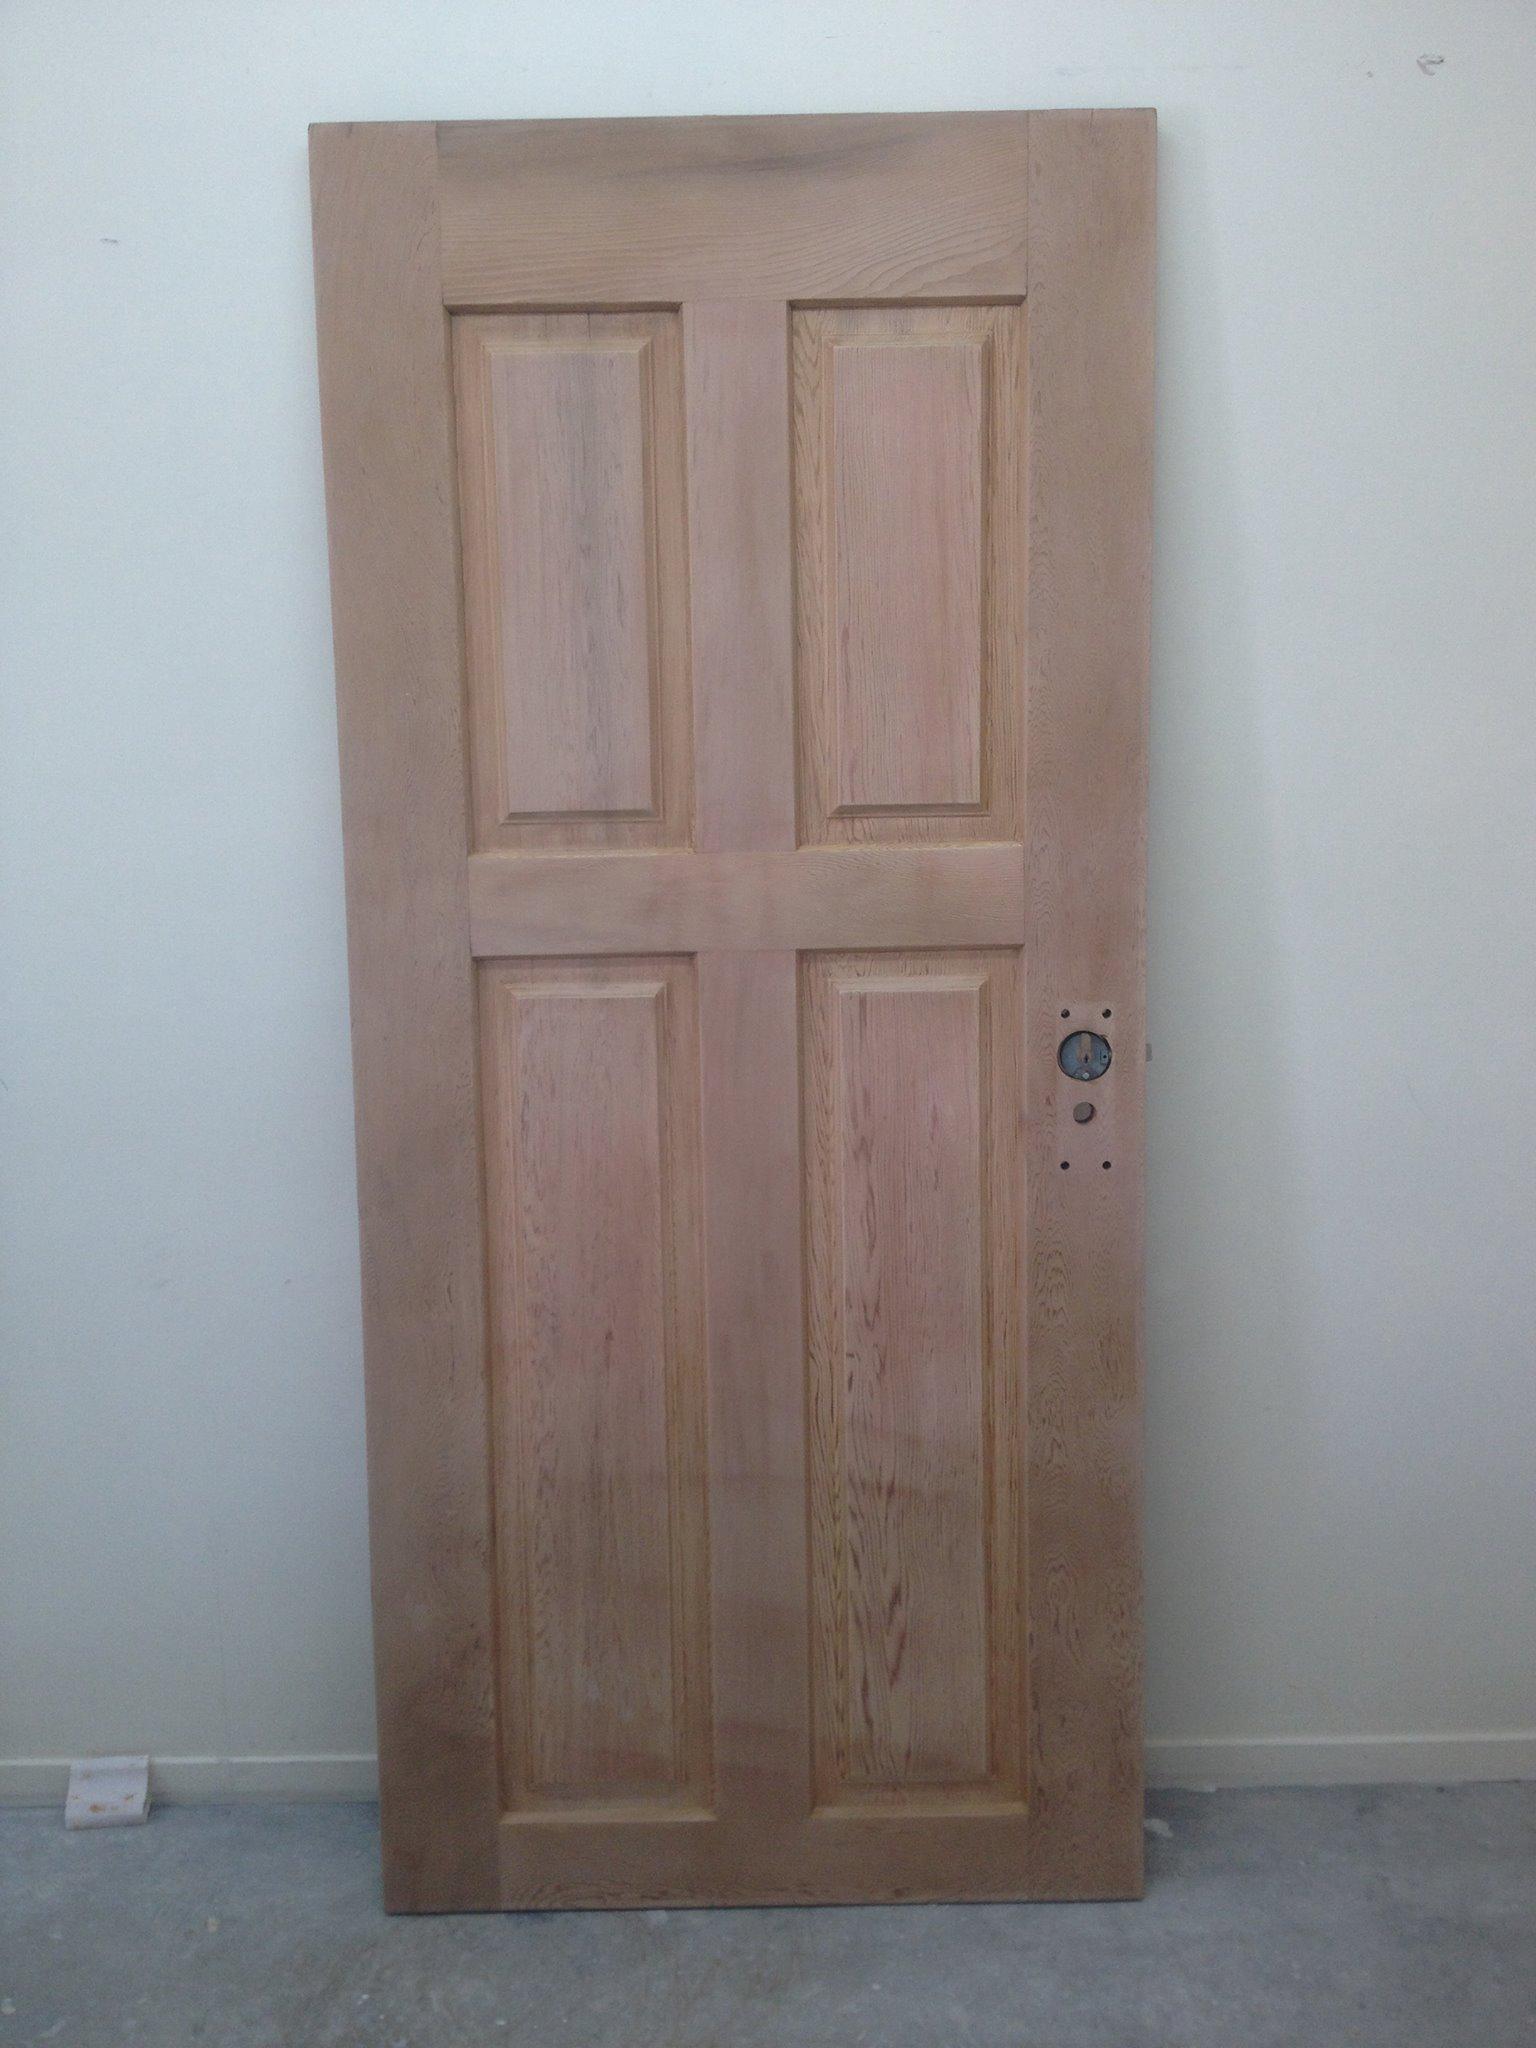 1410954_480575935395923_41414121_o during door.jpg